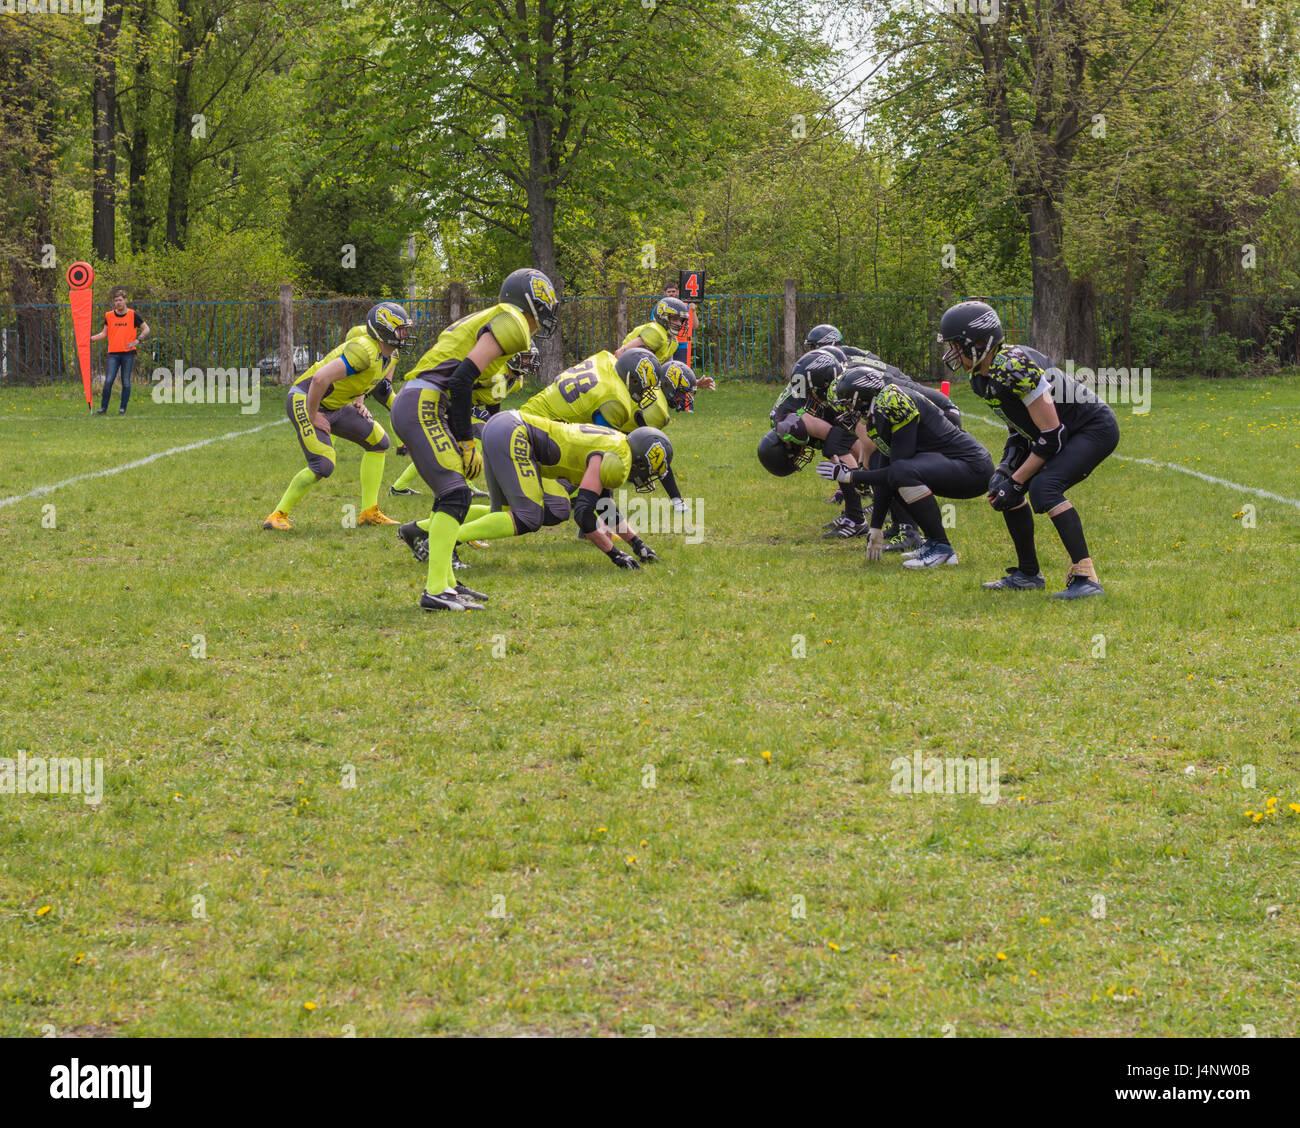 Squadre di calcio pronto a scattare Immagini Stock